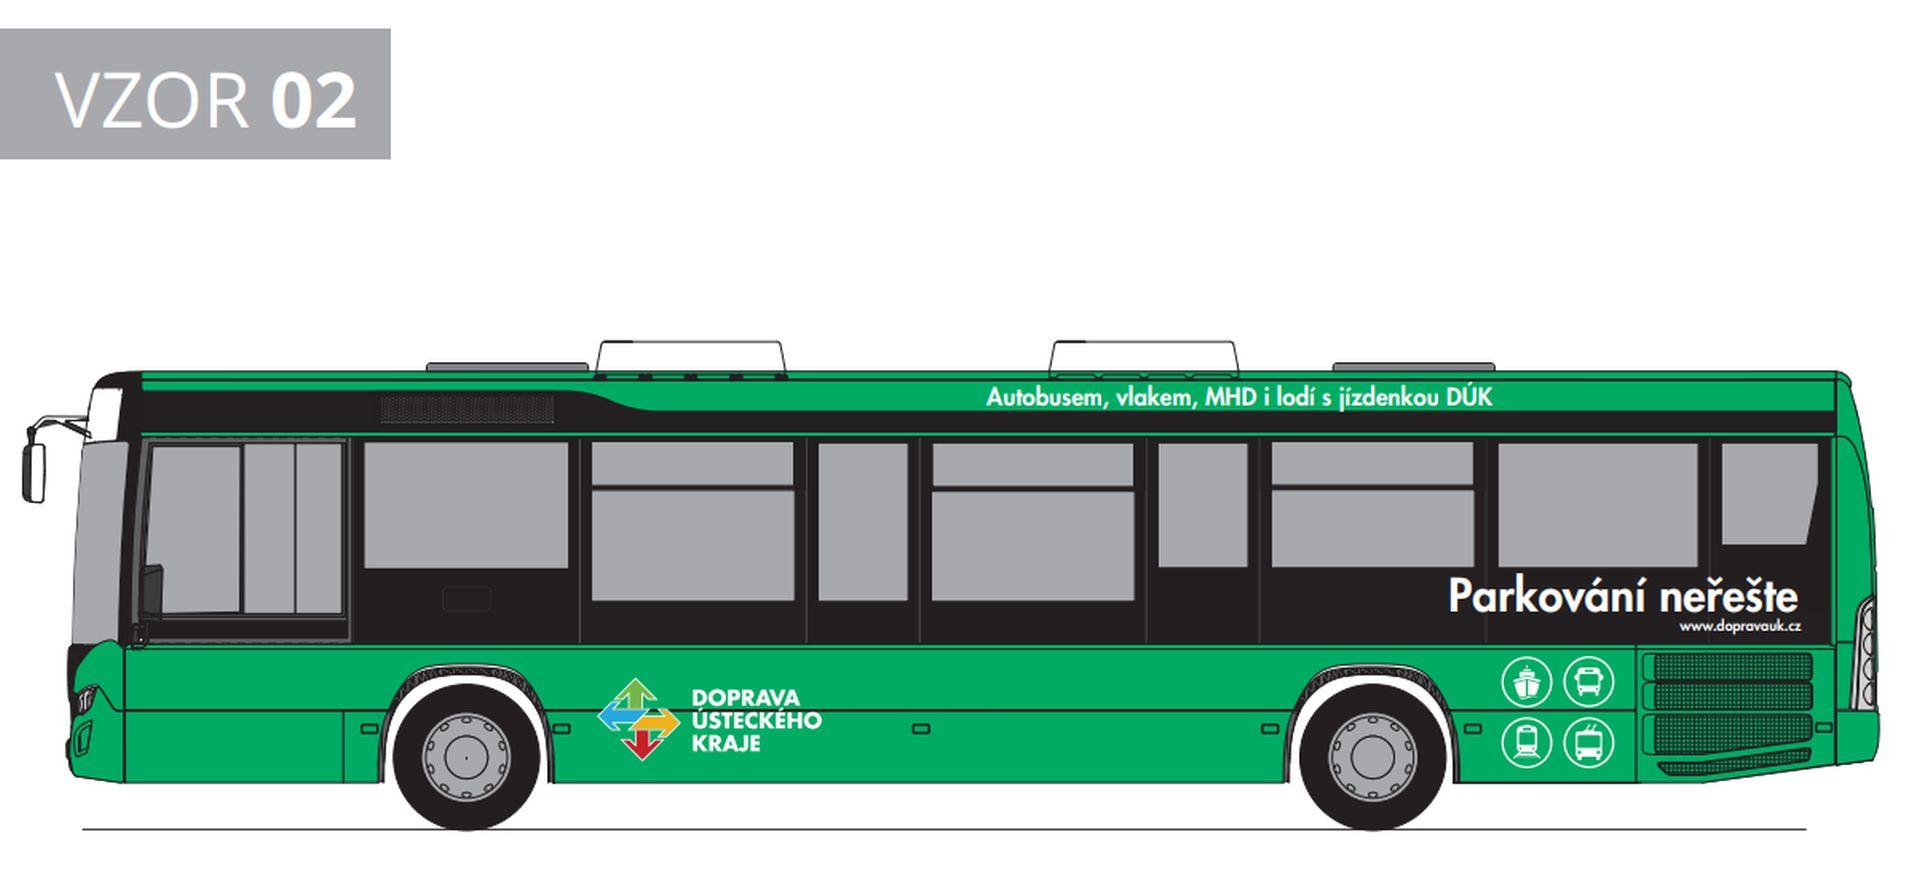 Jedna z verzi polepu autobusů pro Dopravní společnost Ústeckého kraje